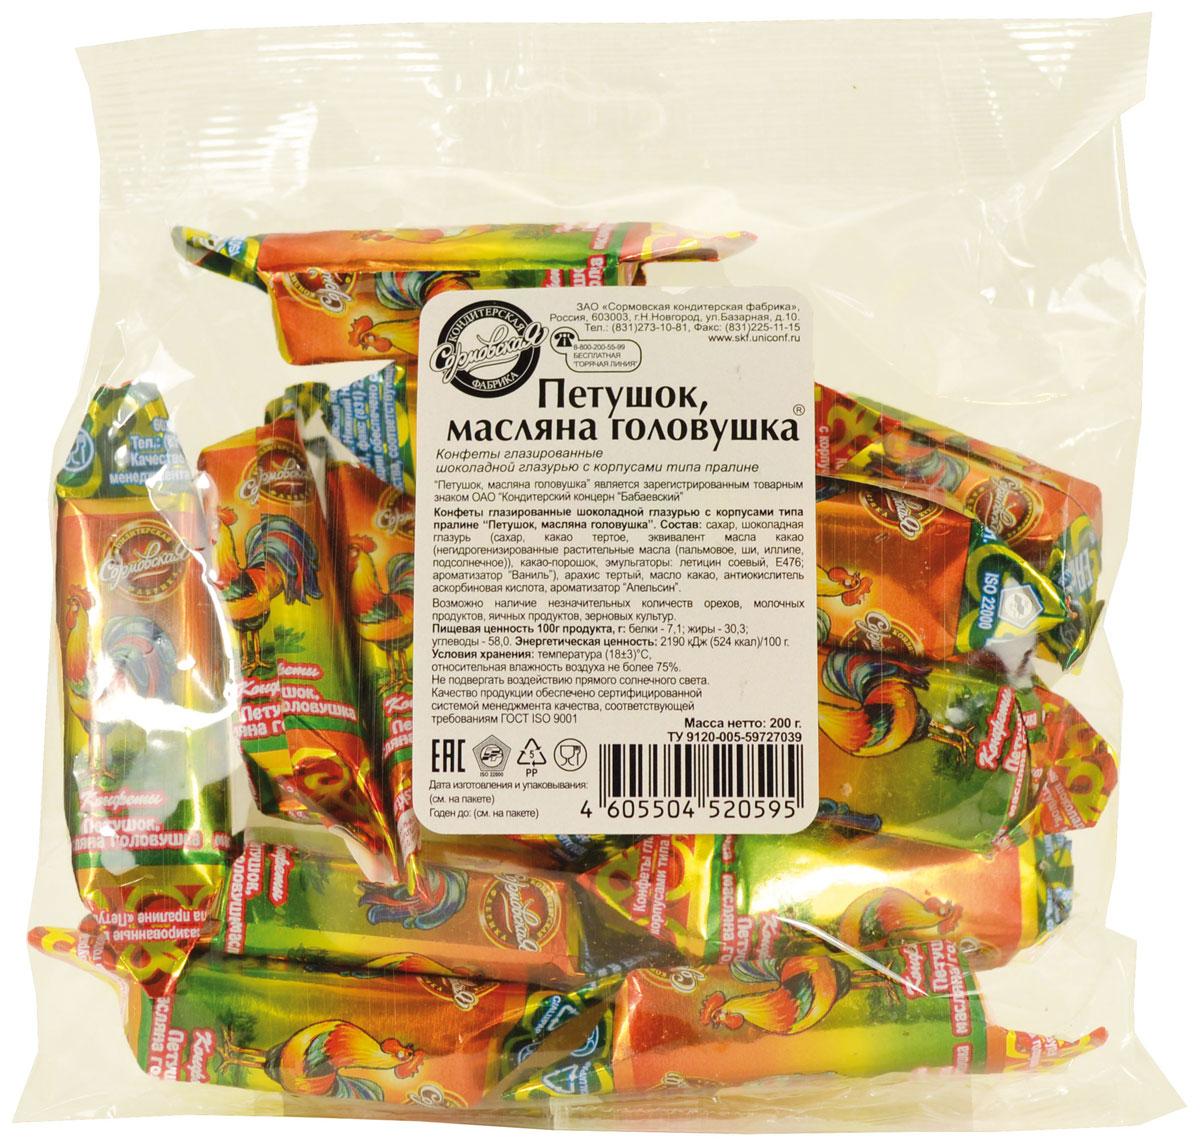 Петушок масляна головушка конфеты, 200 г (Нижний Новгород)